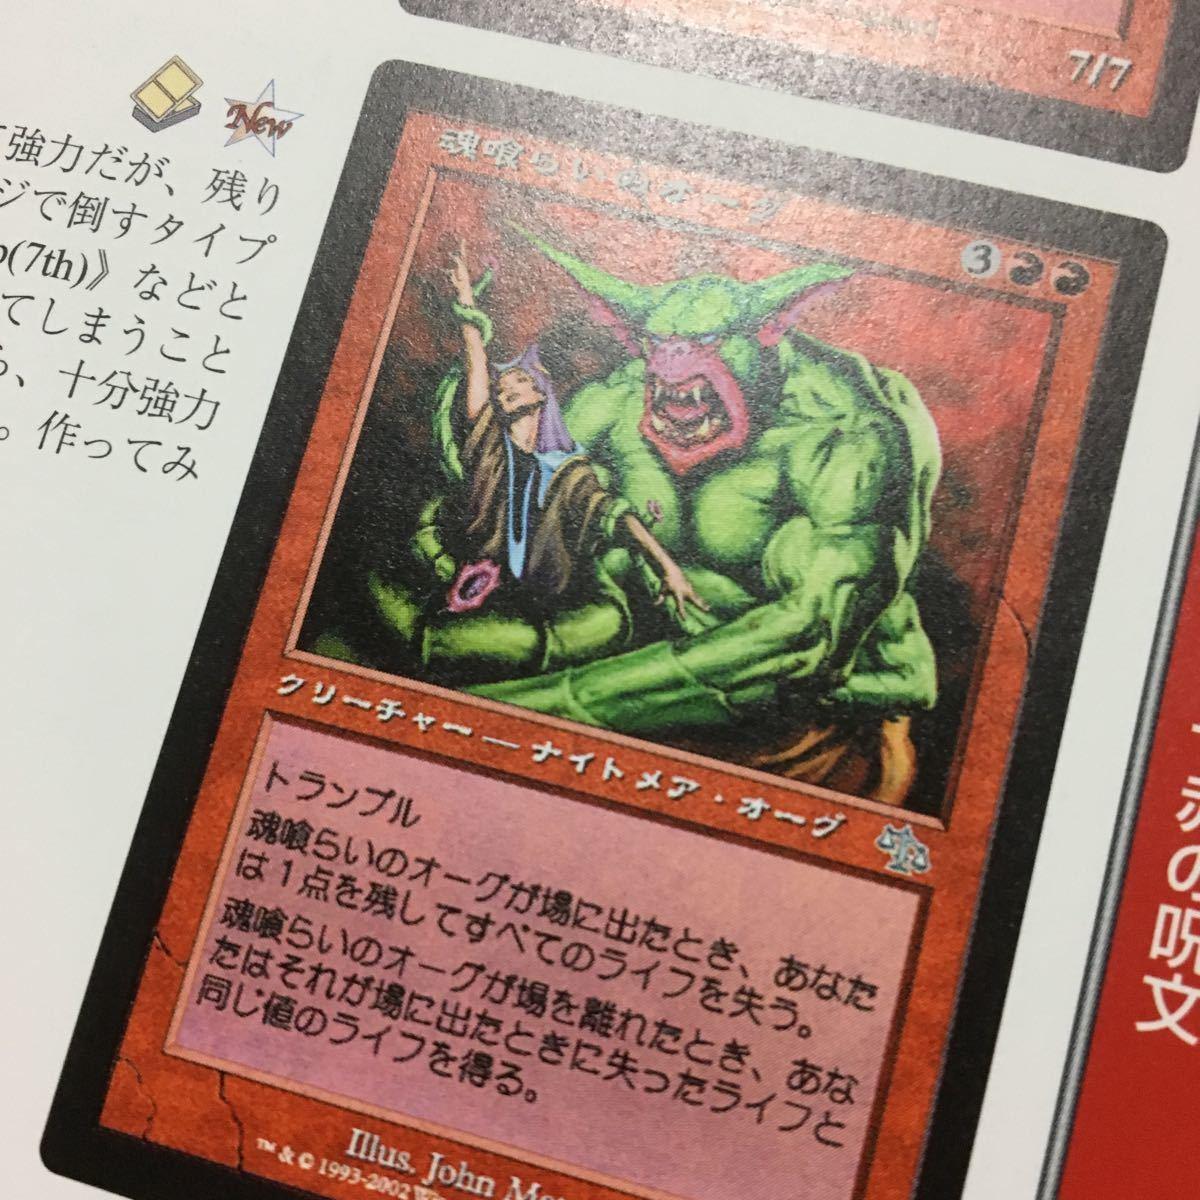 【JUDGEMENT 公式ハンドブック】MAGIC ジャッジメント オフィシャル ガイド 2002年 鶴田慶之 カードゲーム ホビー 【19/11 A-1】_画像7